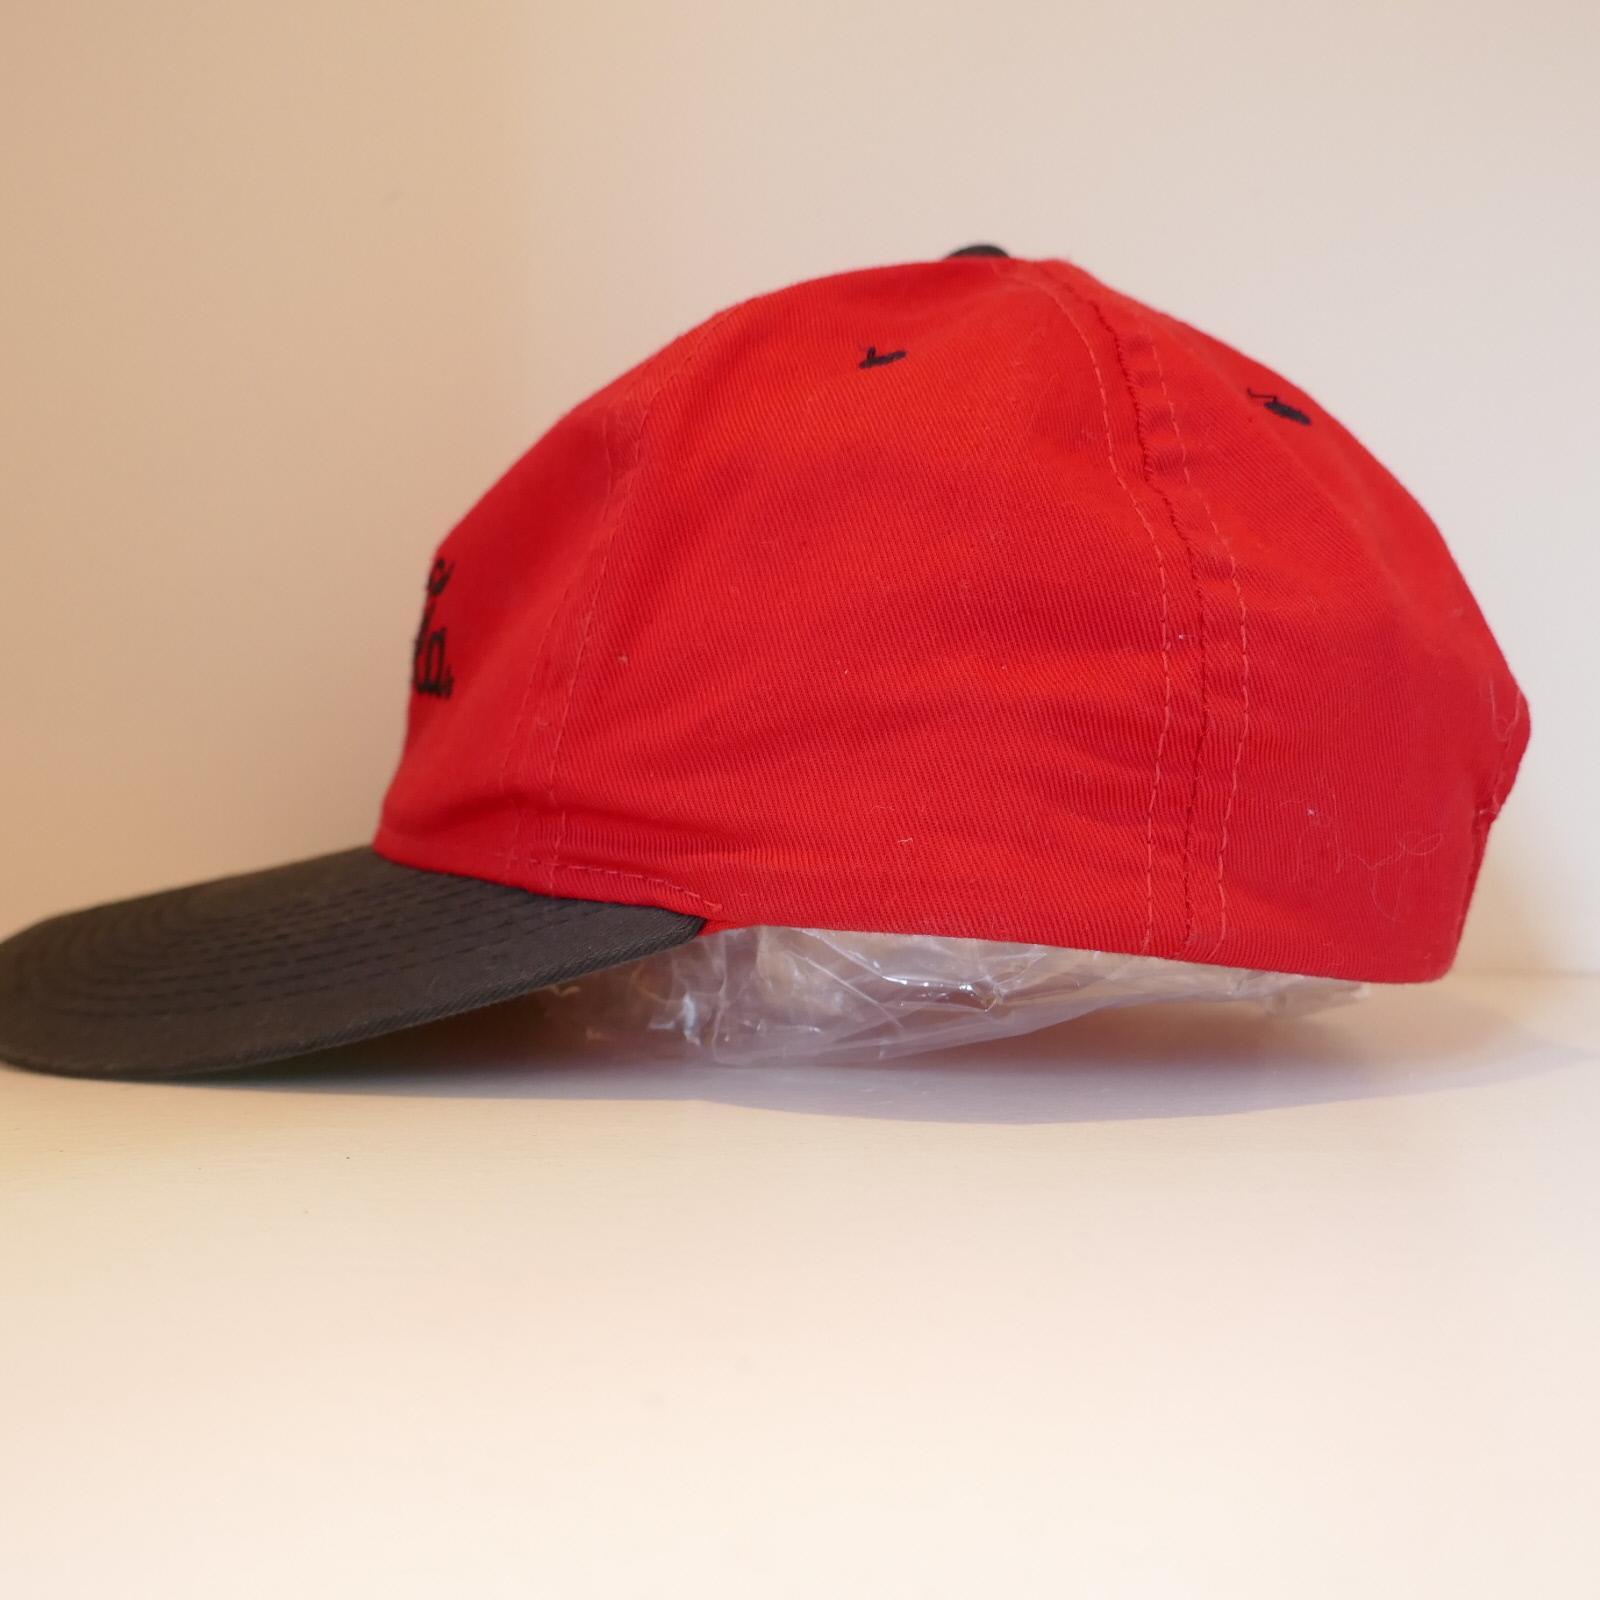 USED COCA COLA CAP RED×BLACK